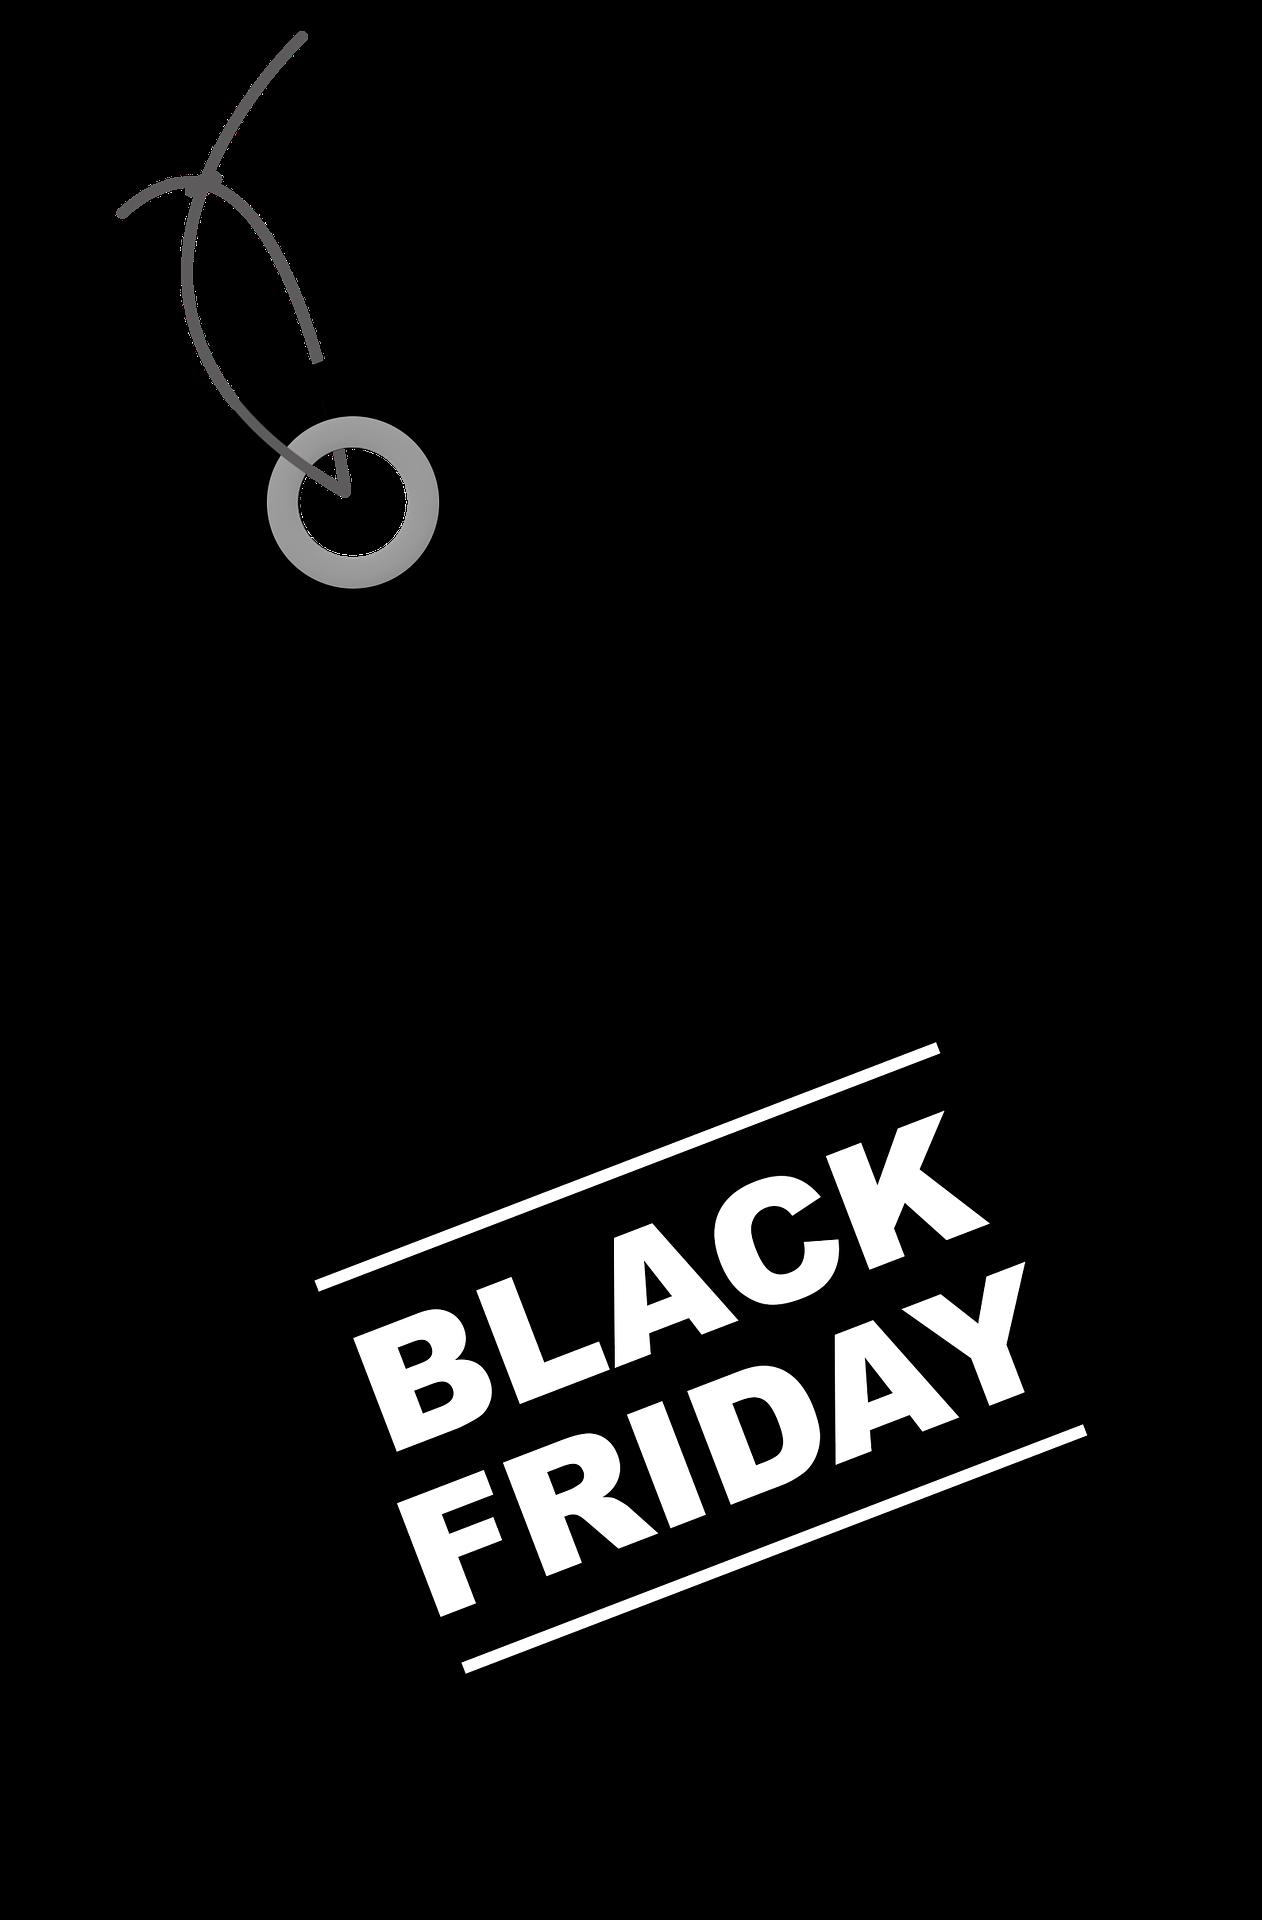 Black Friday de smartphones - Quais os melhores celulares com descontos